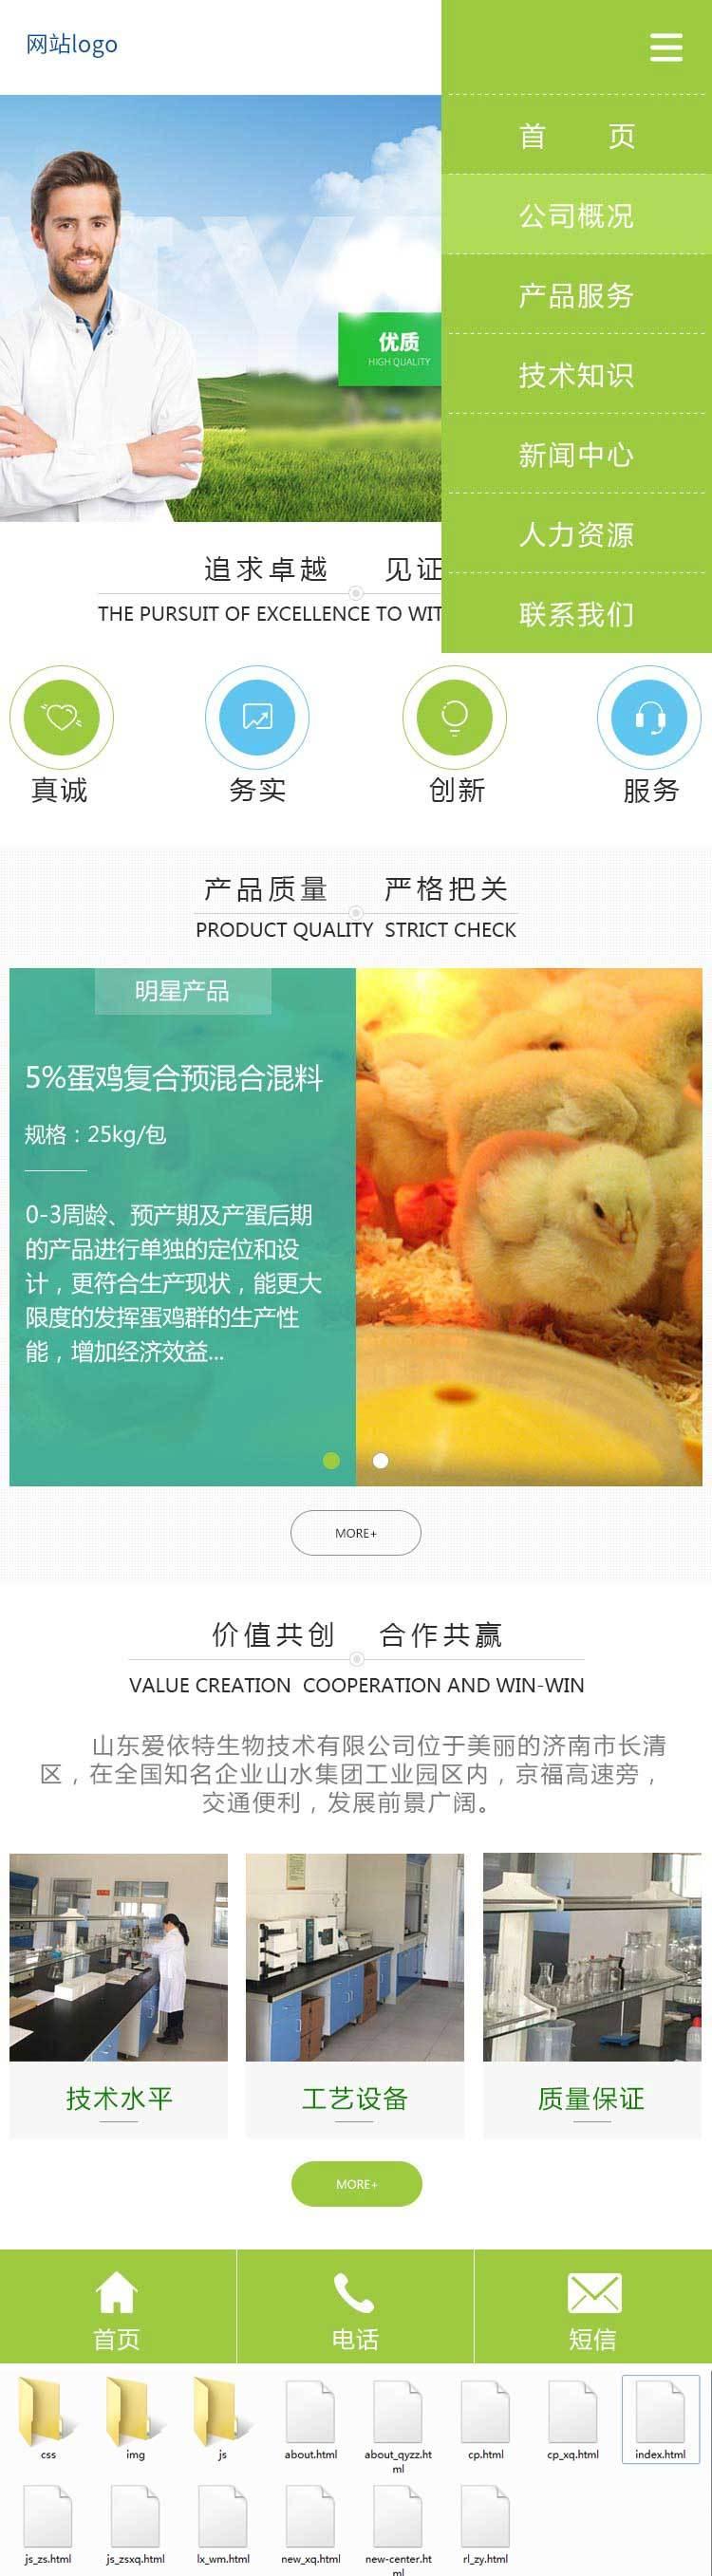 绿色的禽类养殖技术公司手机网站模板